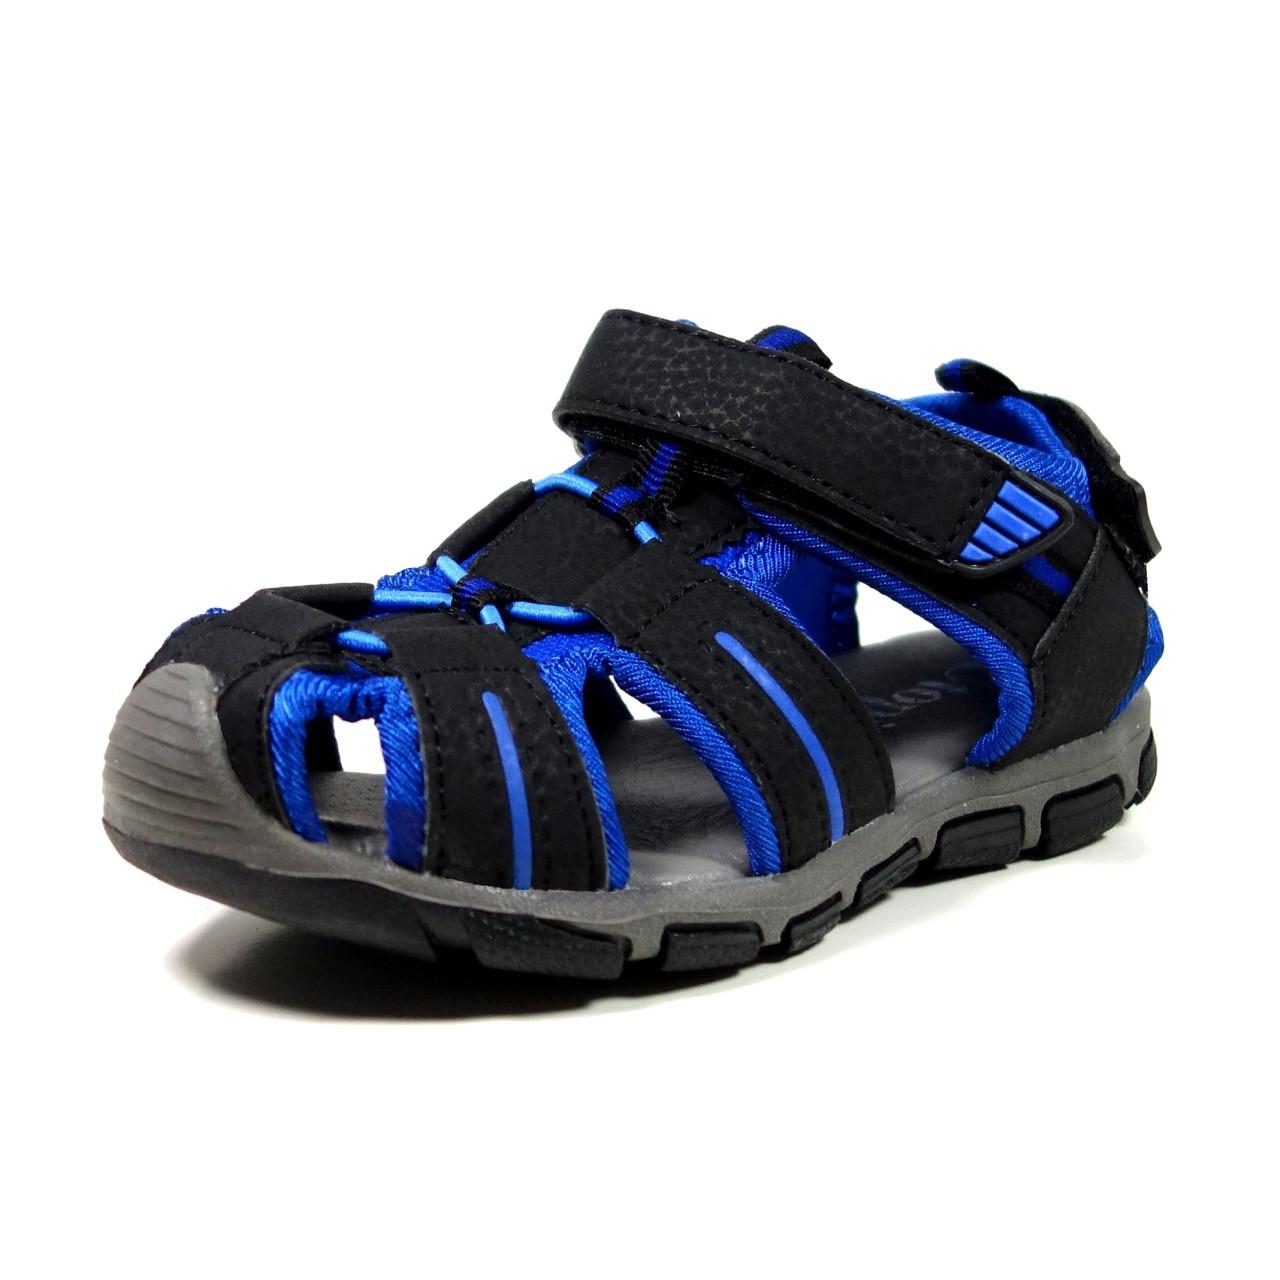 0756aaf9d442a Nova Utopia Toddler Little Boys Summer Sandals - NFBS04 Blue - Nova ...